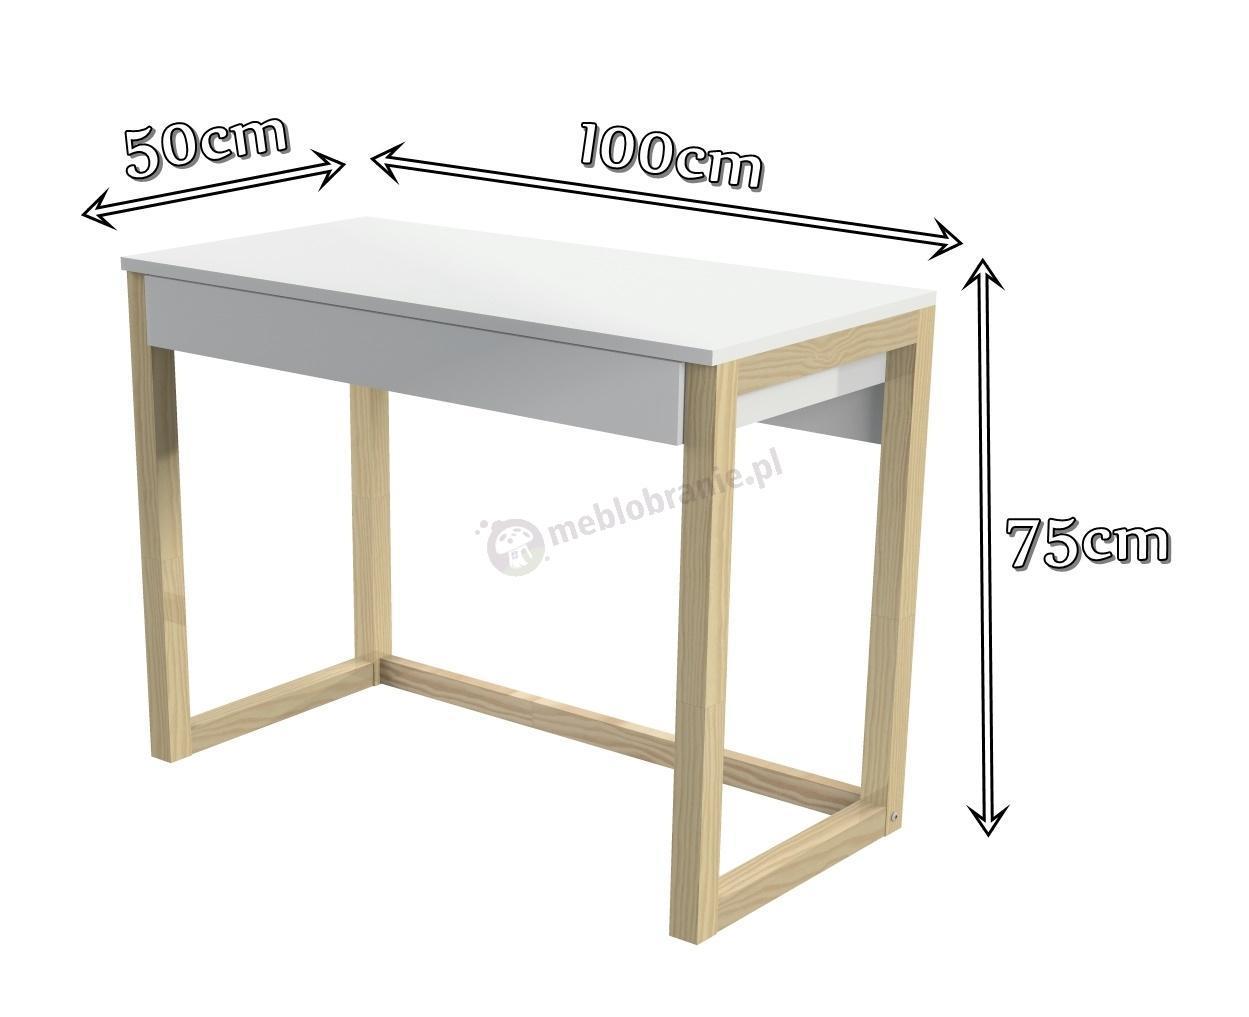 Białe biurko skandynawskie Womeb - wymiary